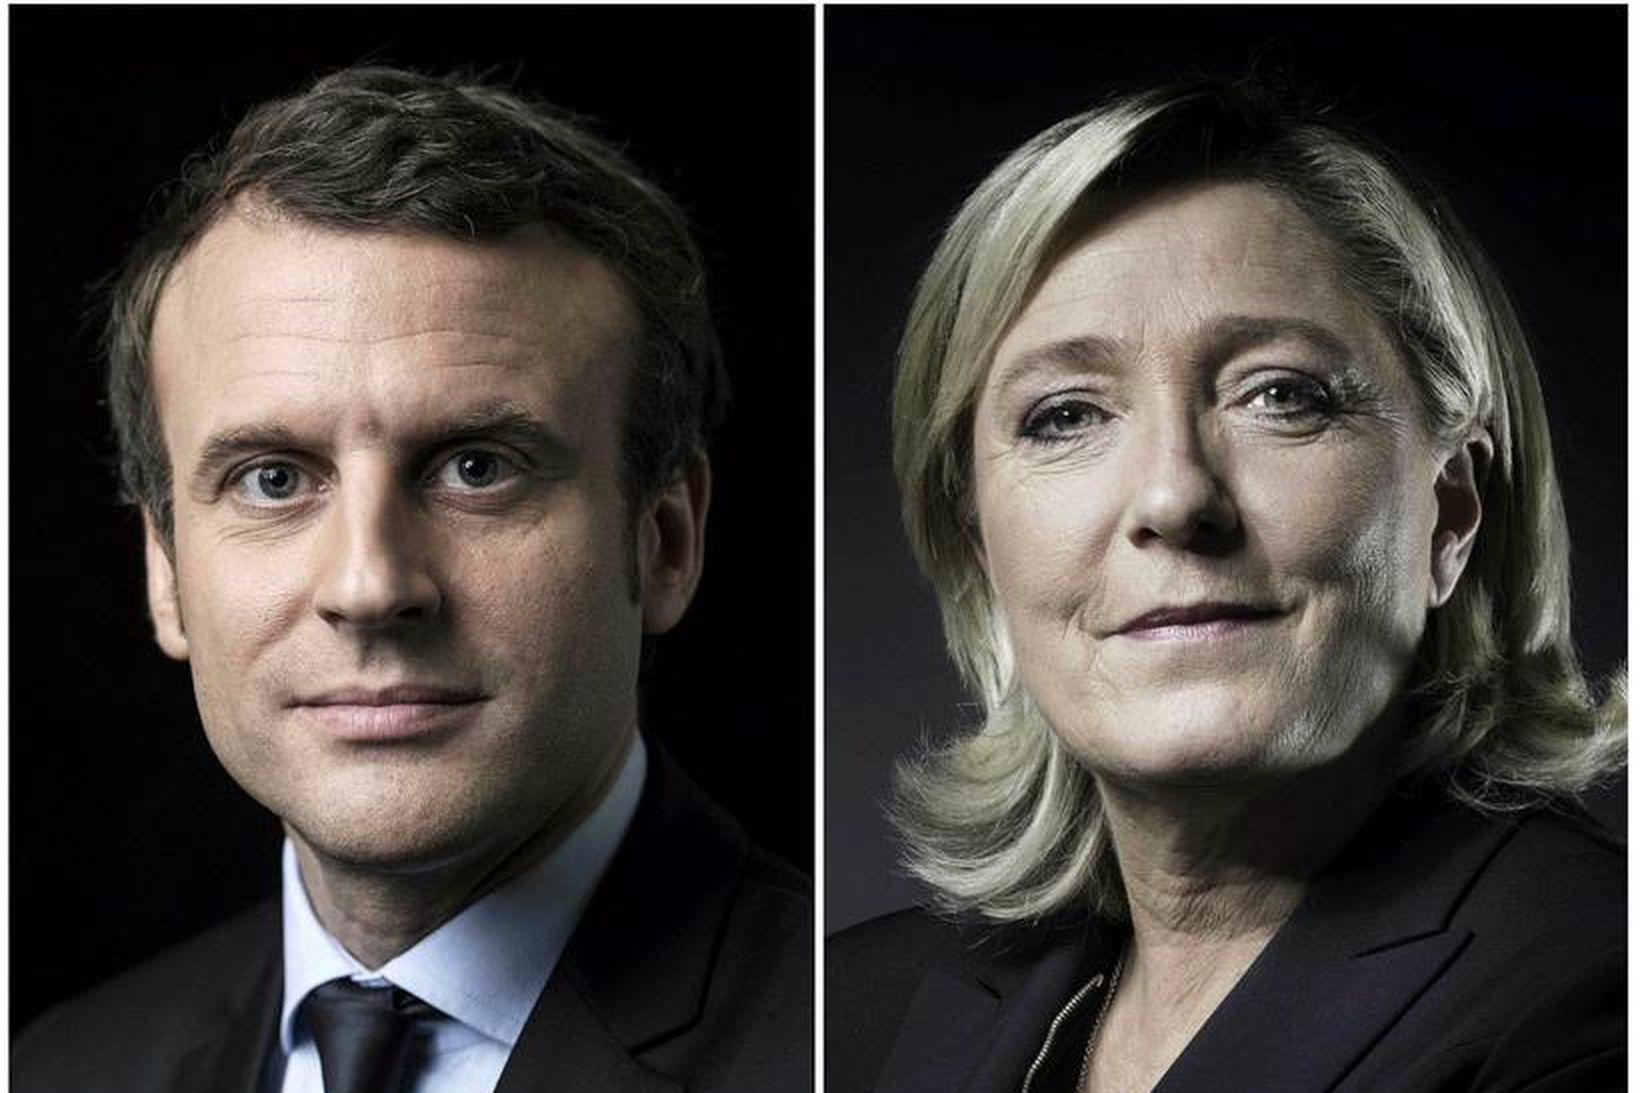 Emmanuel Macron og Marine Le Pen.